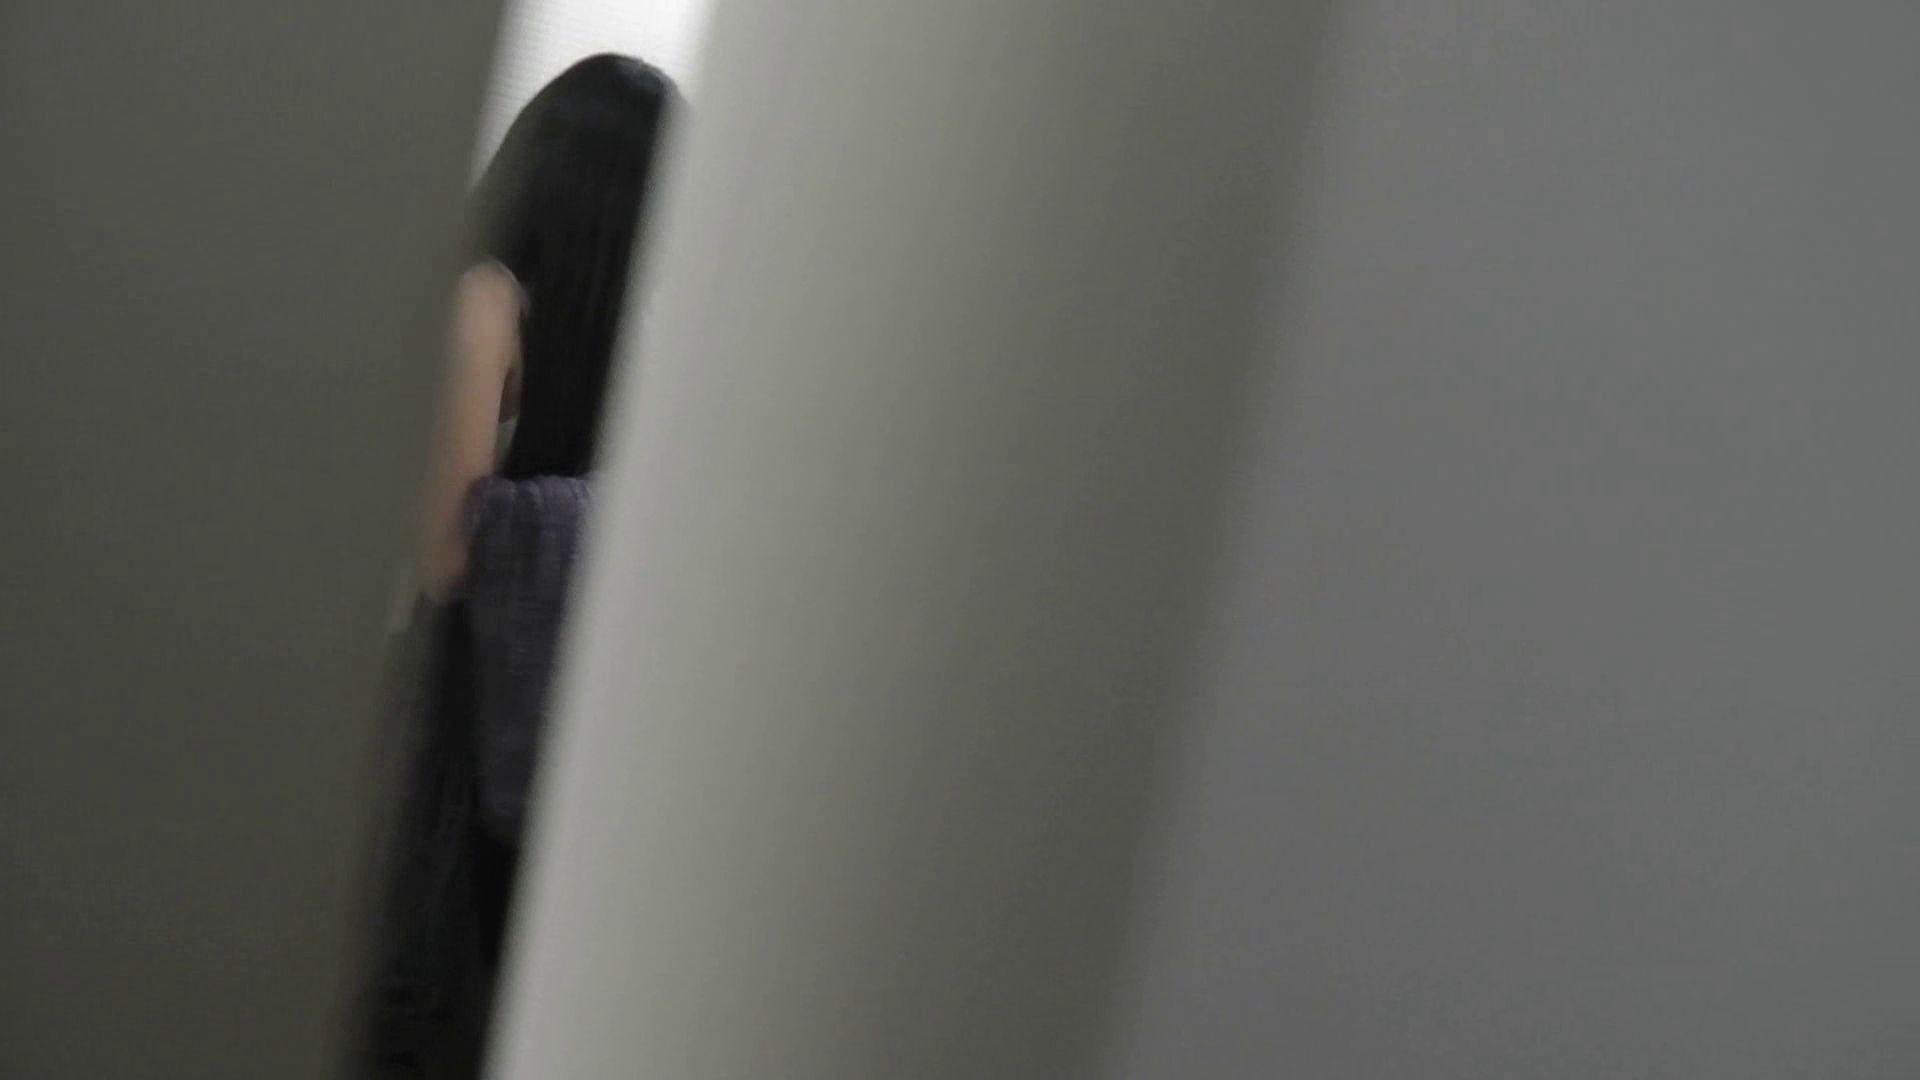 【日本成人用品展览会。超模如云】vol.01 着替 空爆 OLの実態   潜入  100pic 49